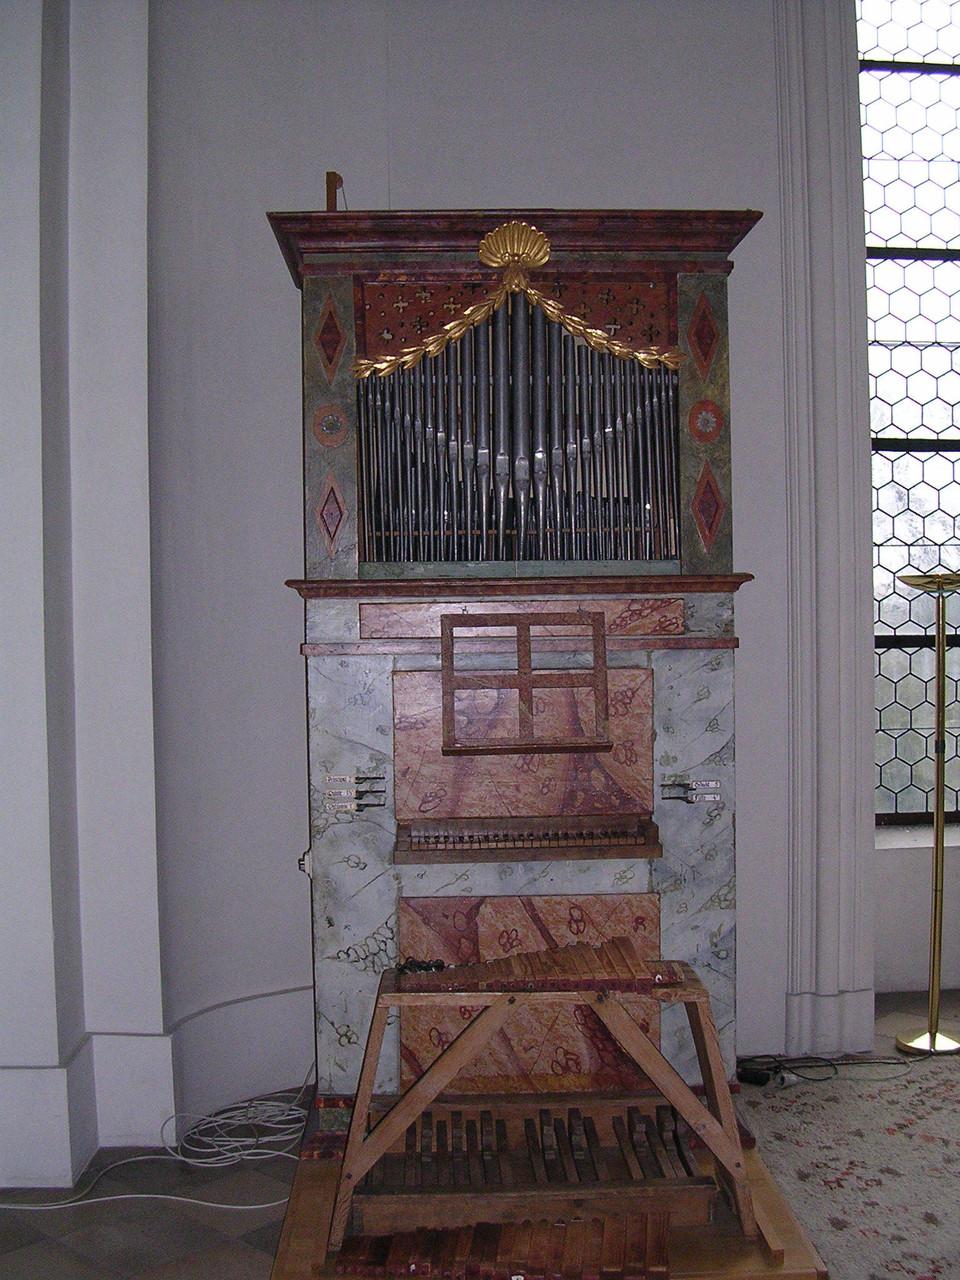 Niederalteich, Ehrlich-Orgel 1840, I/5, Restauration